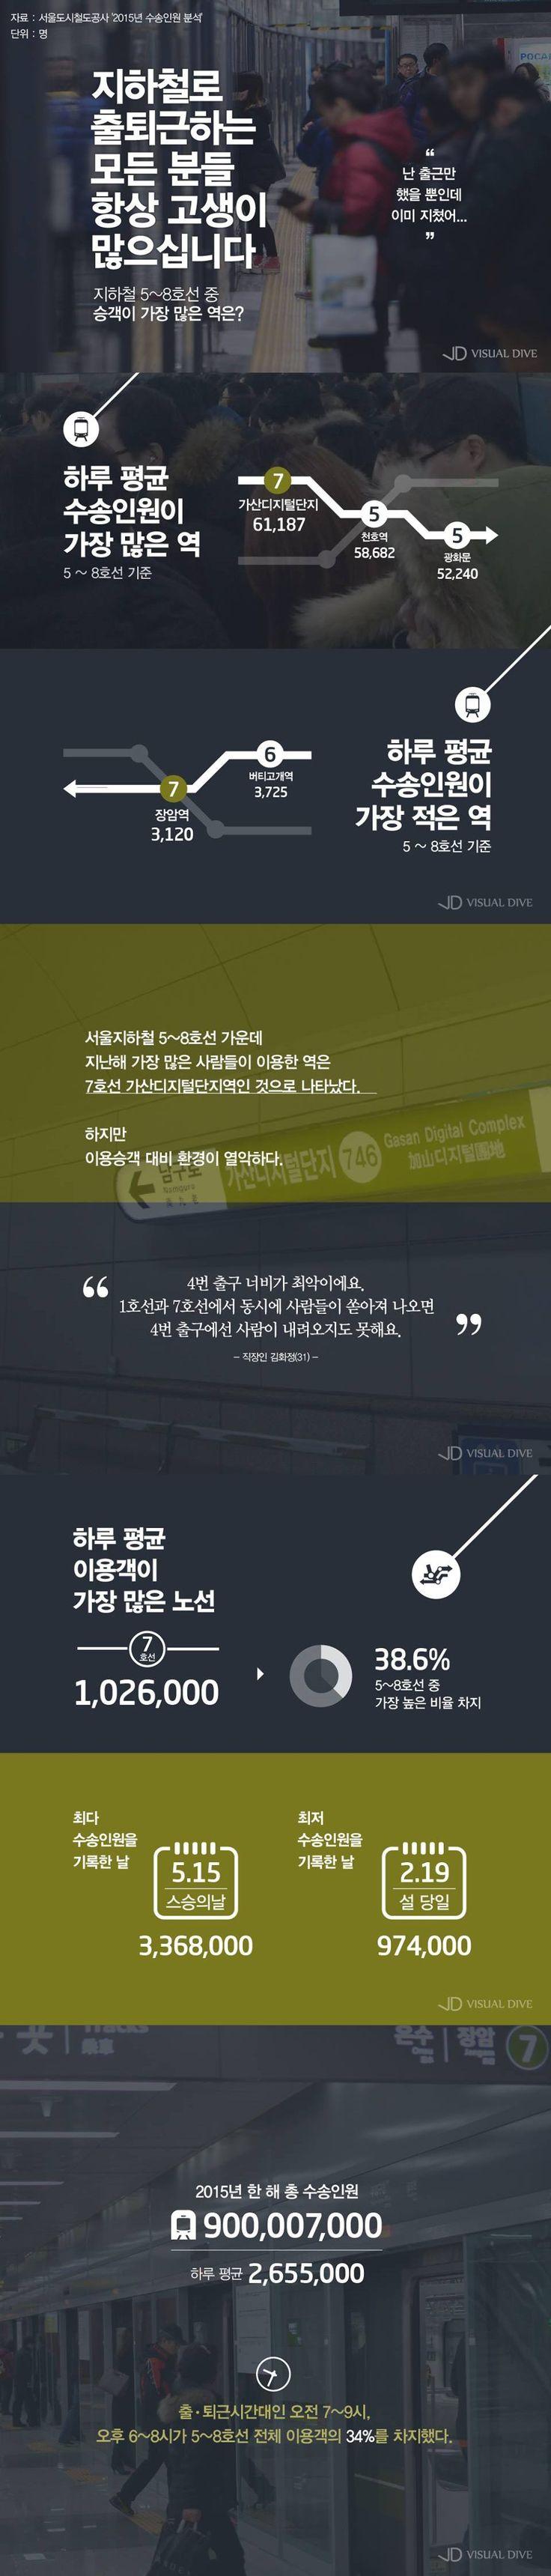 서울지하철 5~8호선 중 최다 승객 붐빈 역 [인포그래픽] #Subway / #infograhpic ⓒ 비주얼다이브 무단 복사·전재·재배포 금지